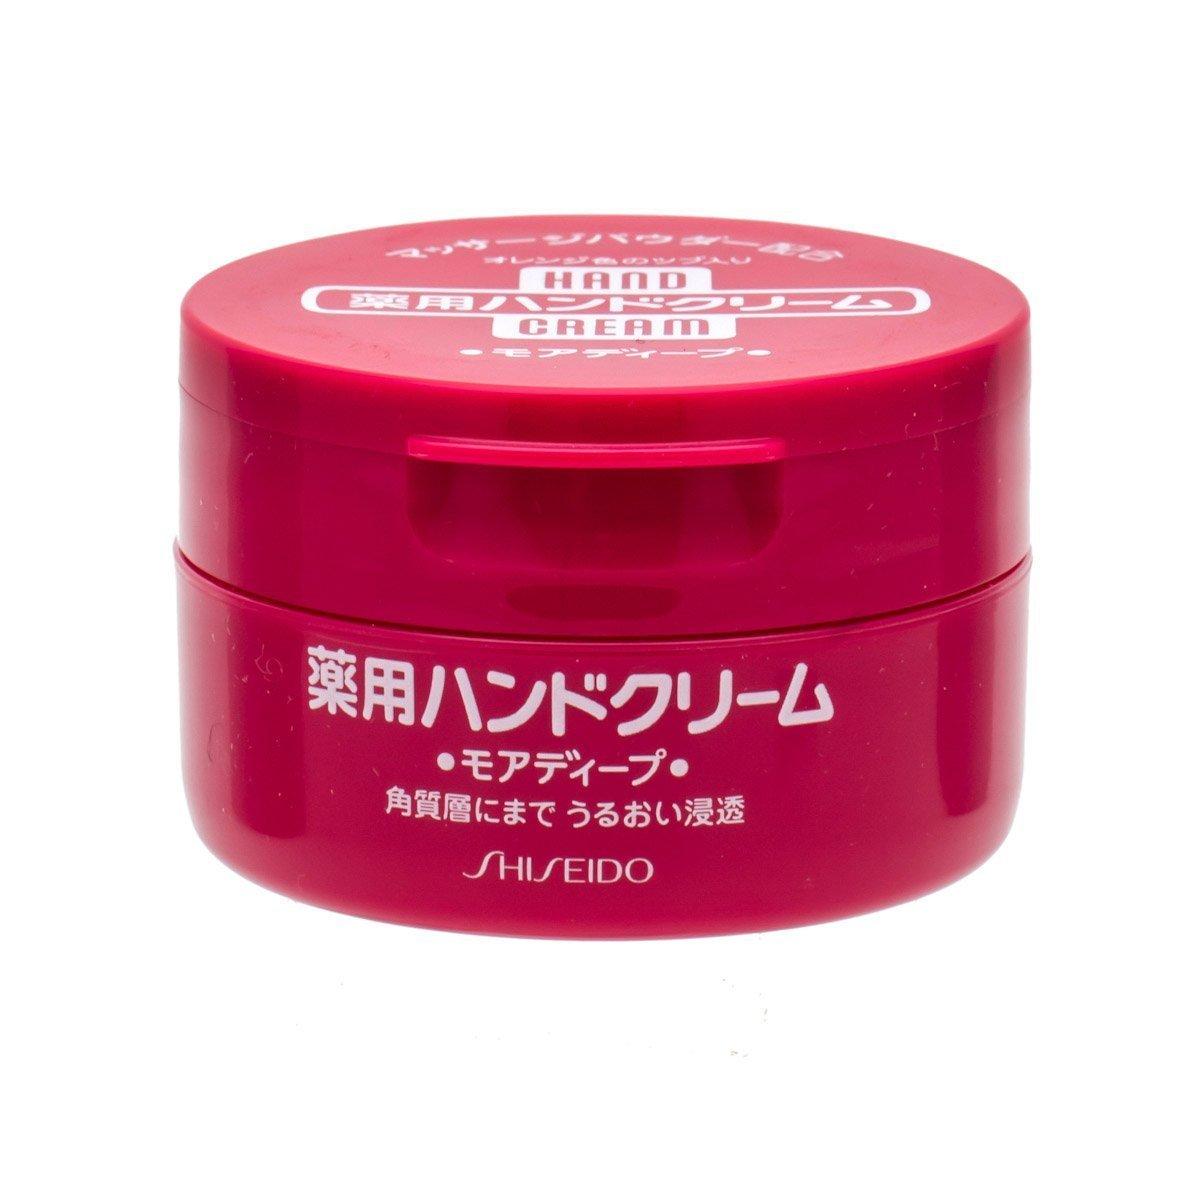 Hand Cream 100g